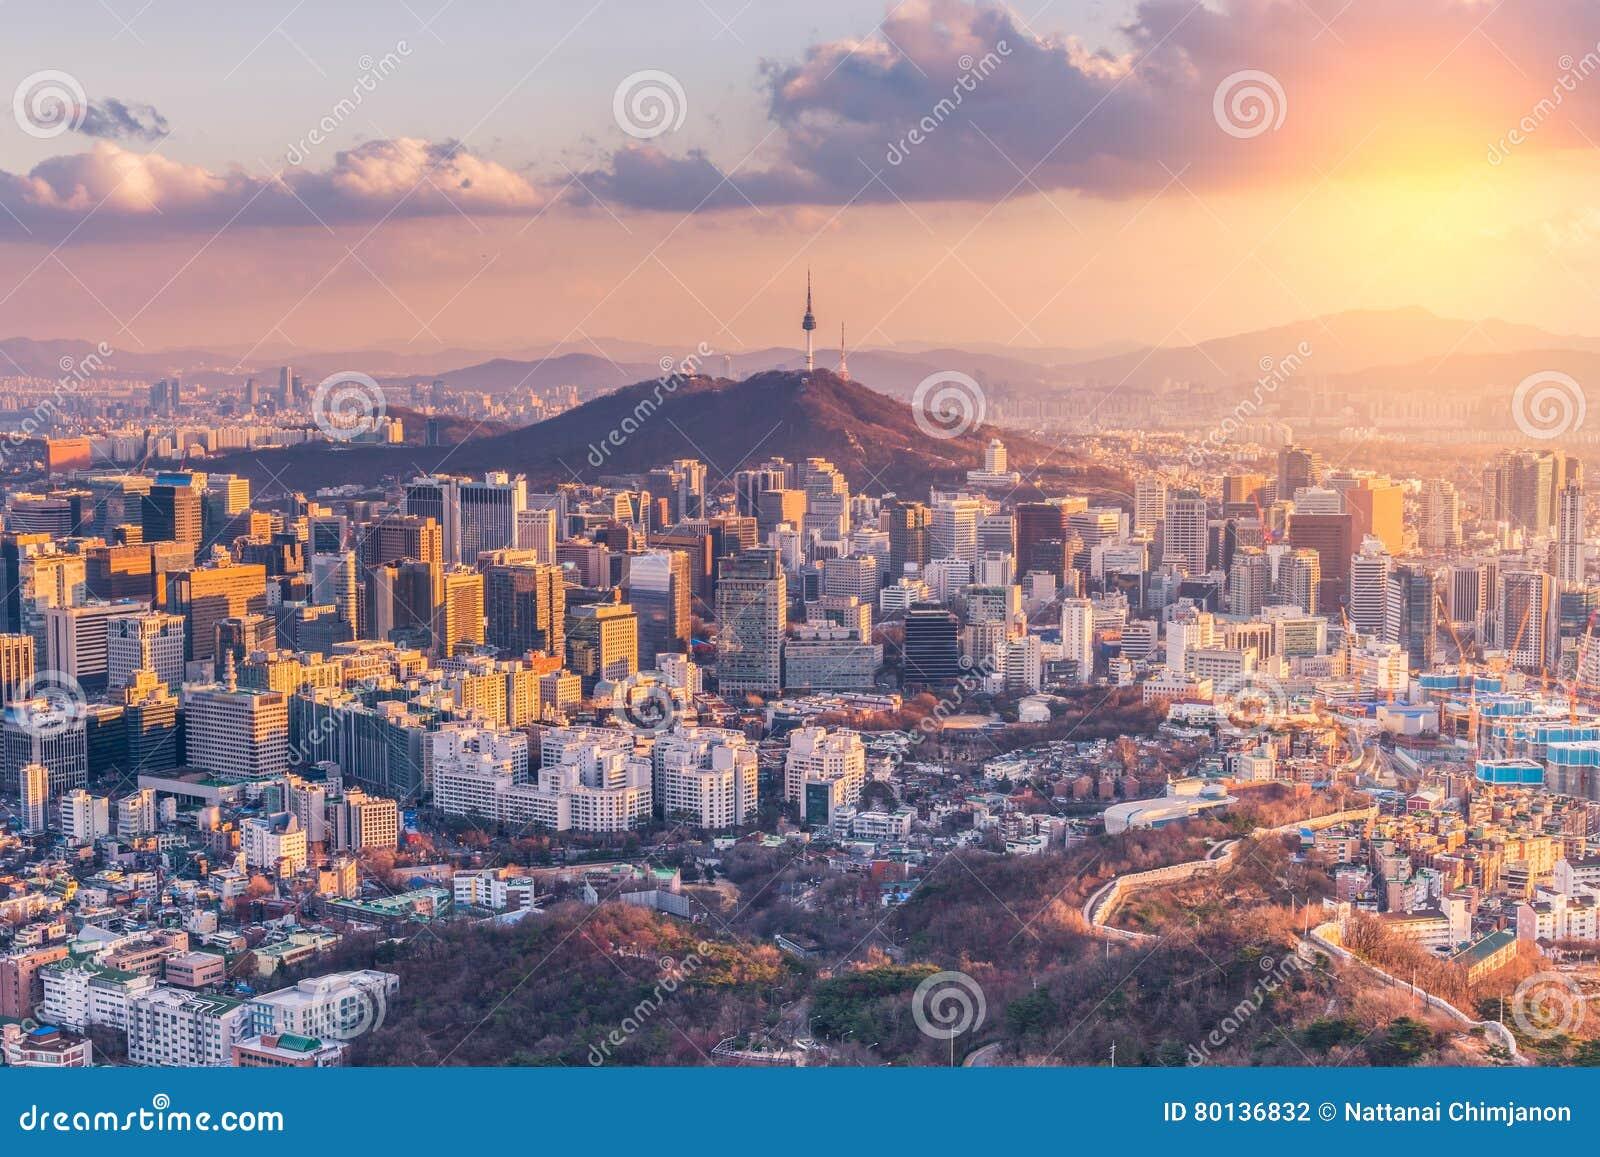 Ηλιοβασίλεμα στον ορίζοντα πόλεων της Σεούλ, Νότια Κορέα